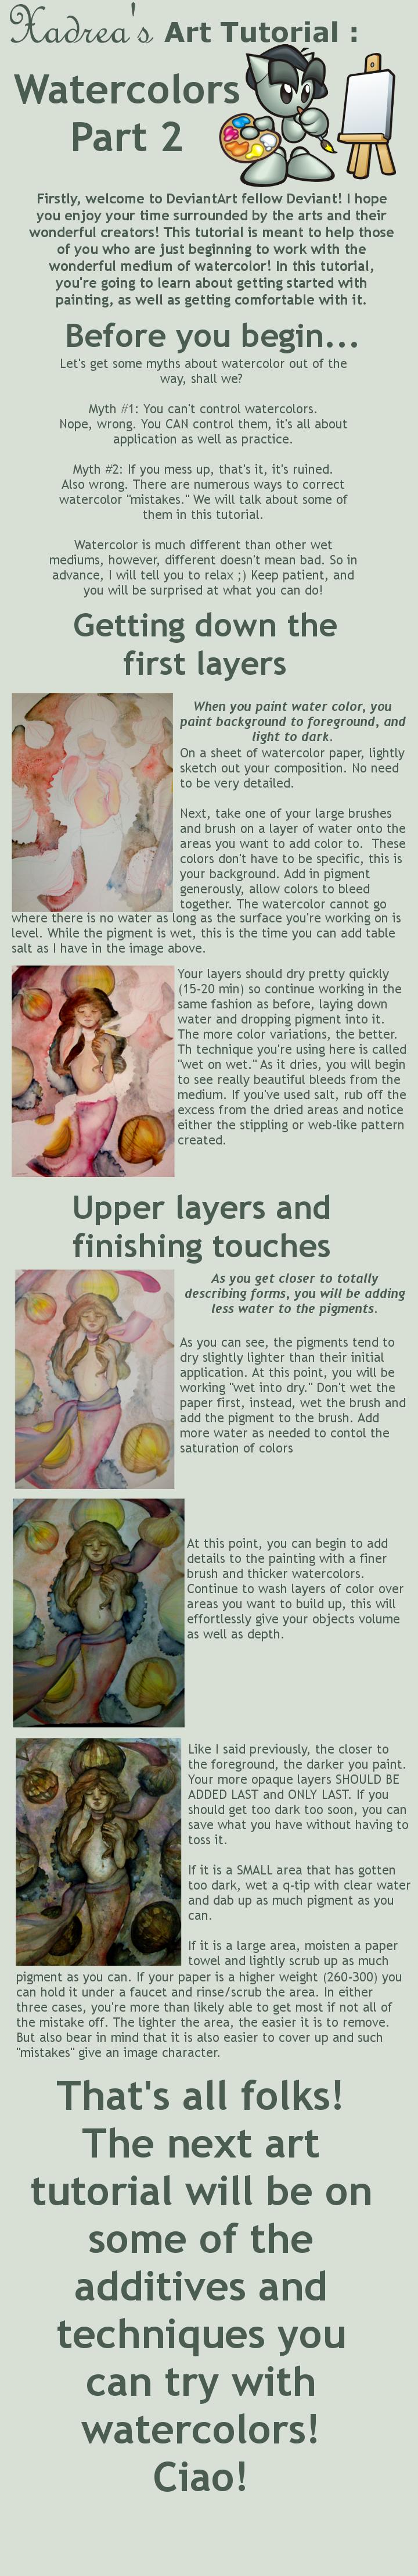 Art Tutorial: Watercolors Prt2 by Xadrea